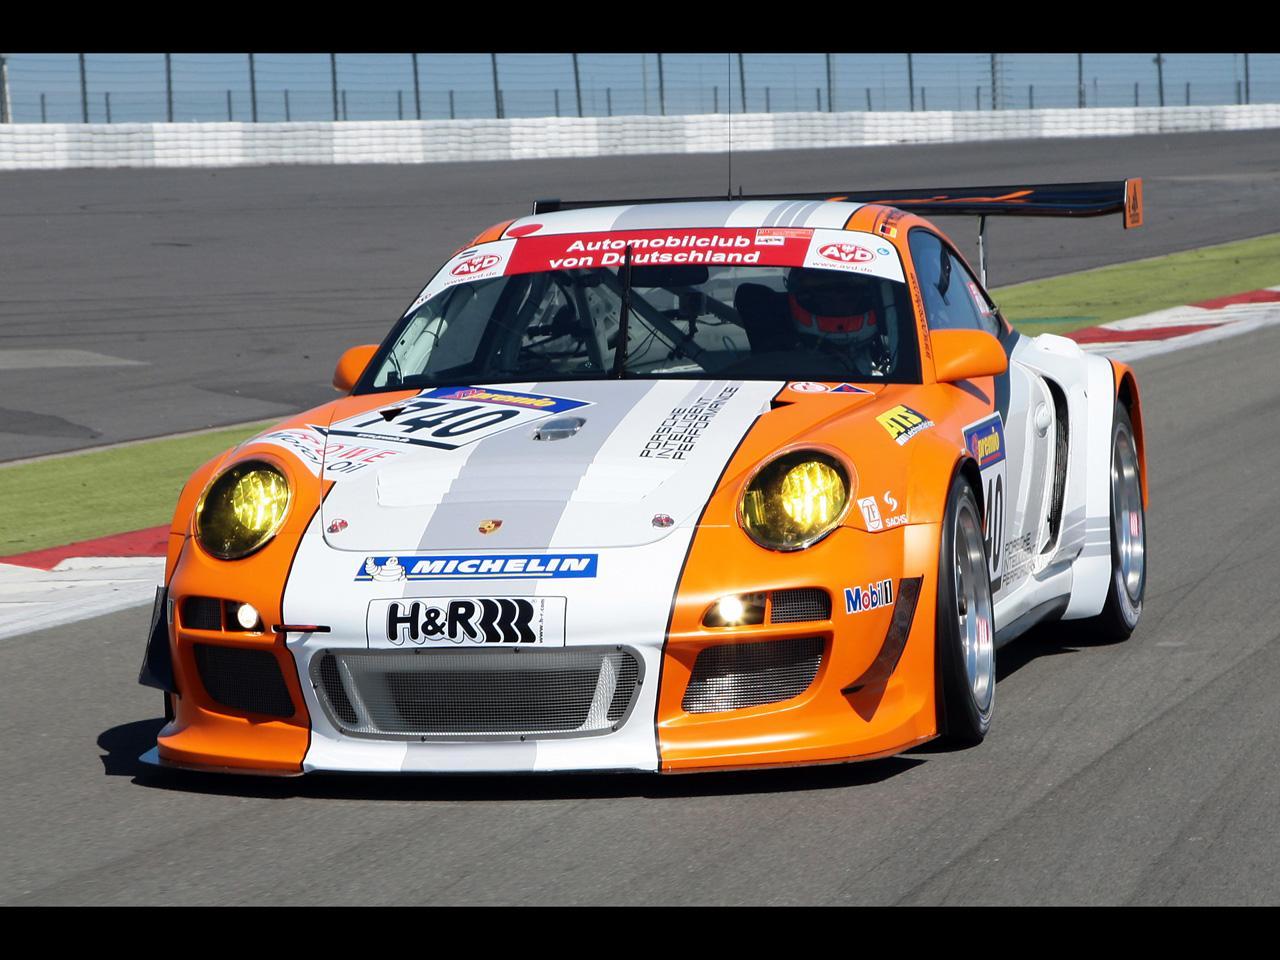 http://1.bp.blogspot.com/-cWpC1ypqvdY/TWPbKhED88I/AAAAAAAAF3A/6jLoA1ZodV8/s1600/2010-Porsche-911-GT3-R-Hybrid-Racing-2.jpg